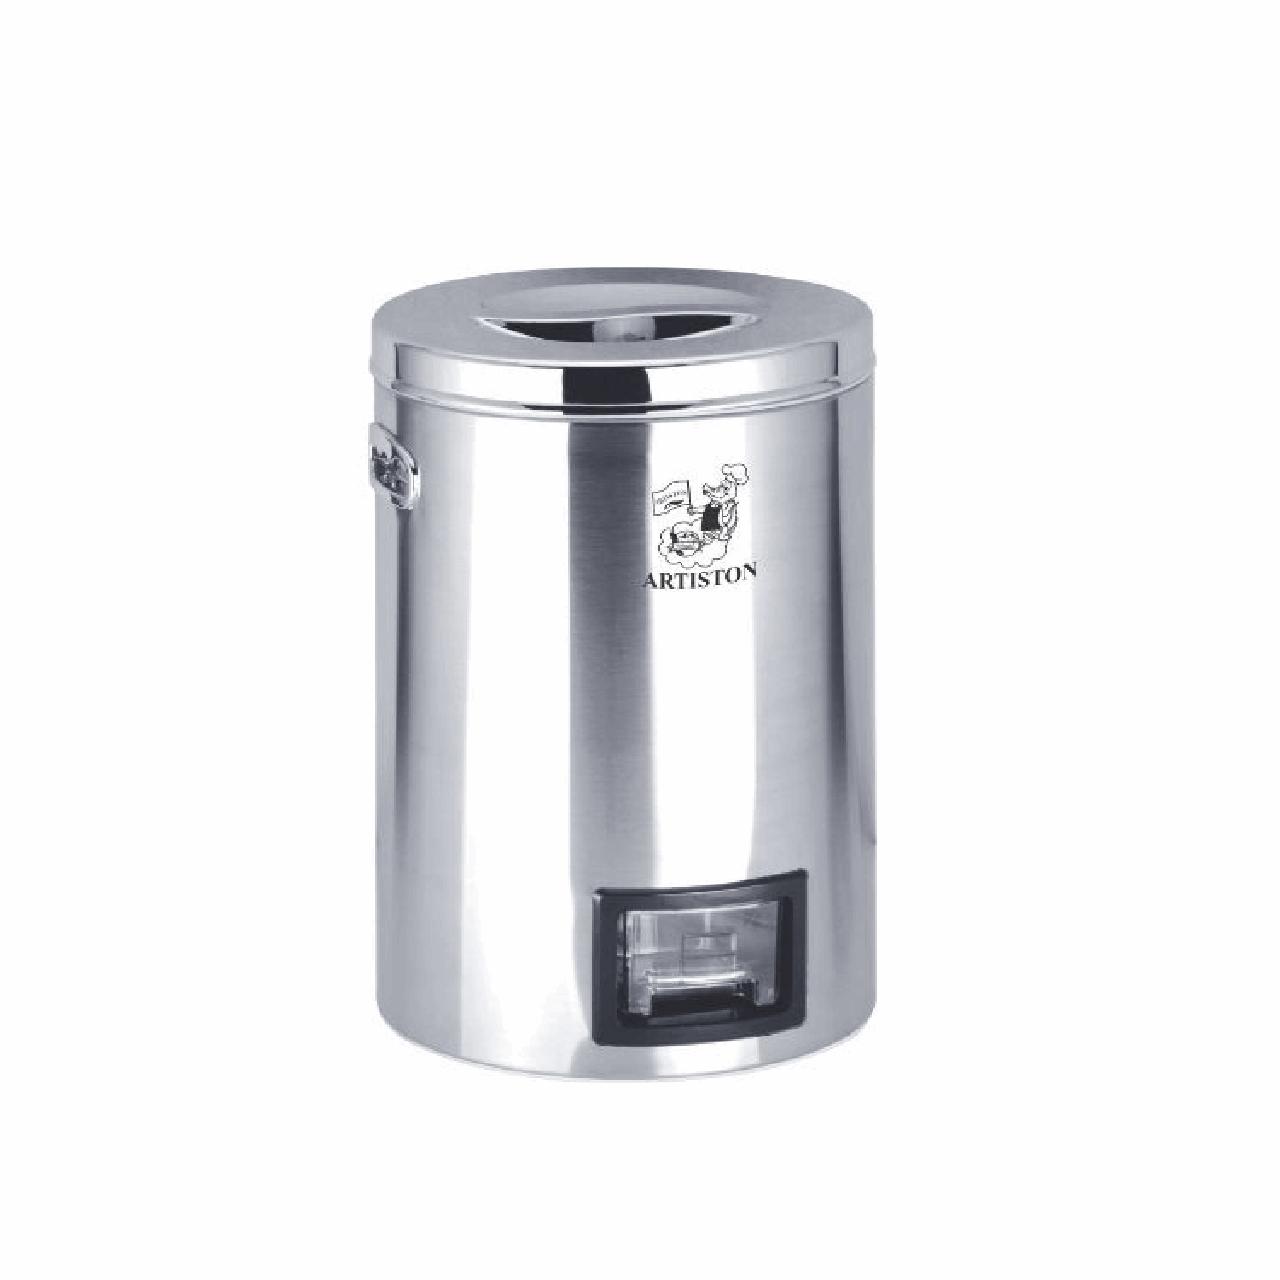 سطل برنج استیل  پیمانه دار آرتیستون مدل 008 گنجایش 10 کیلوگرم